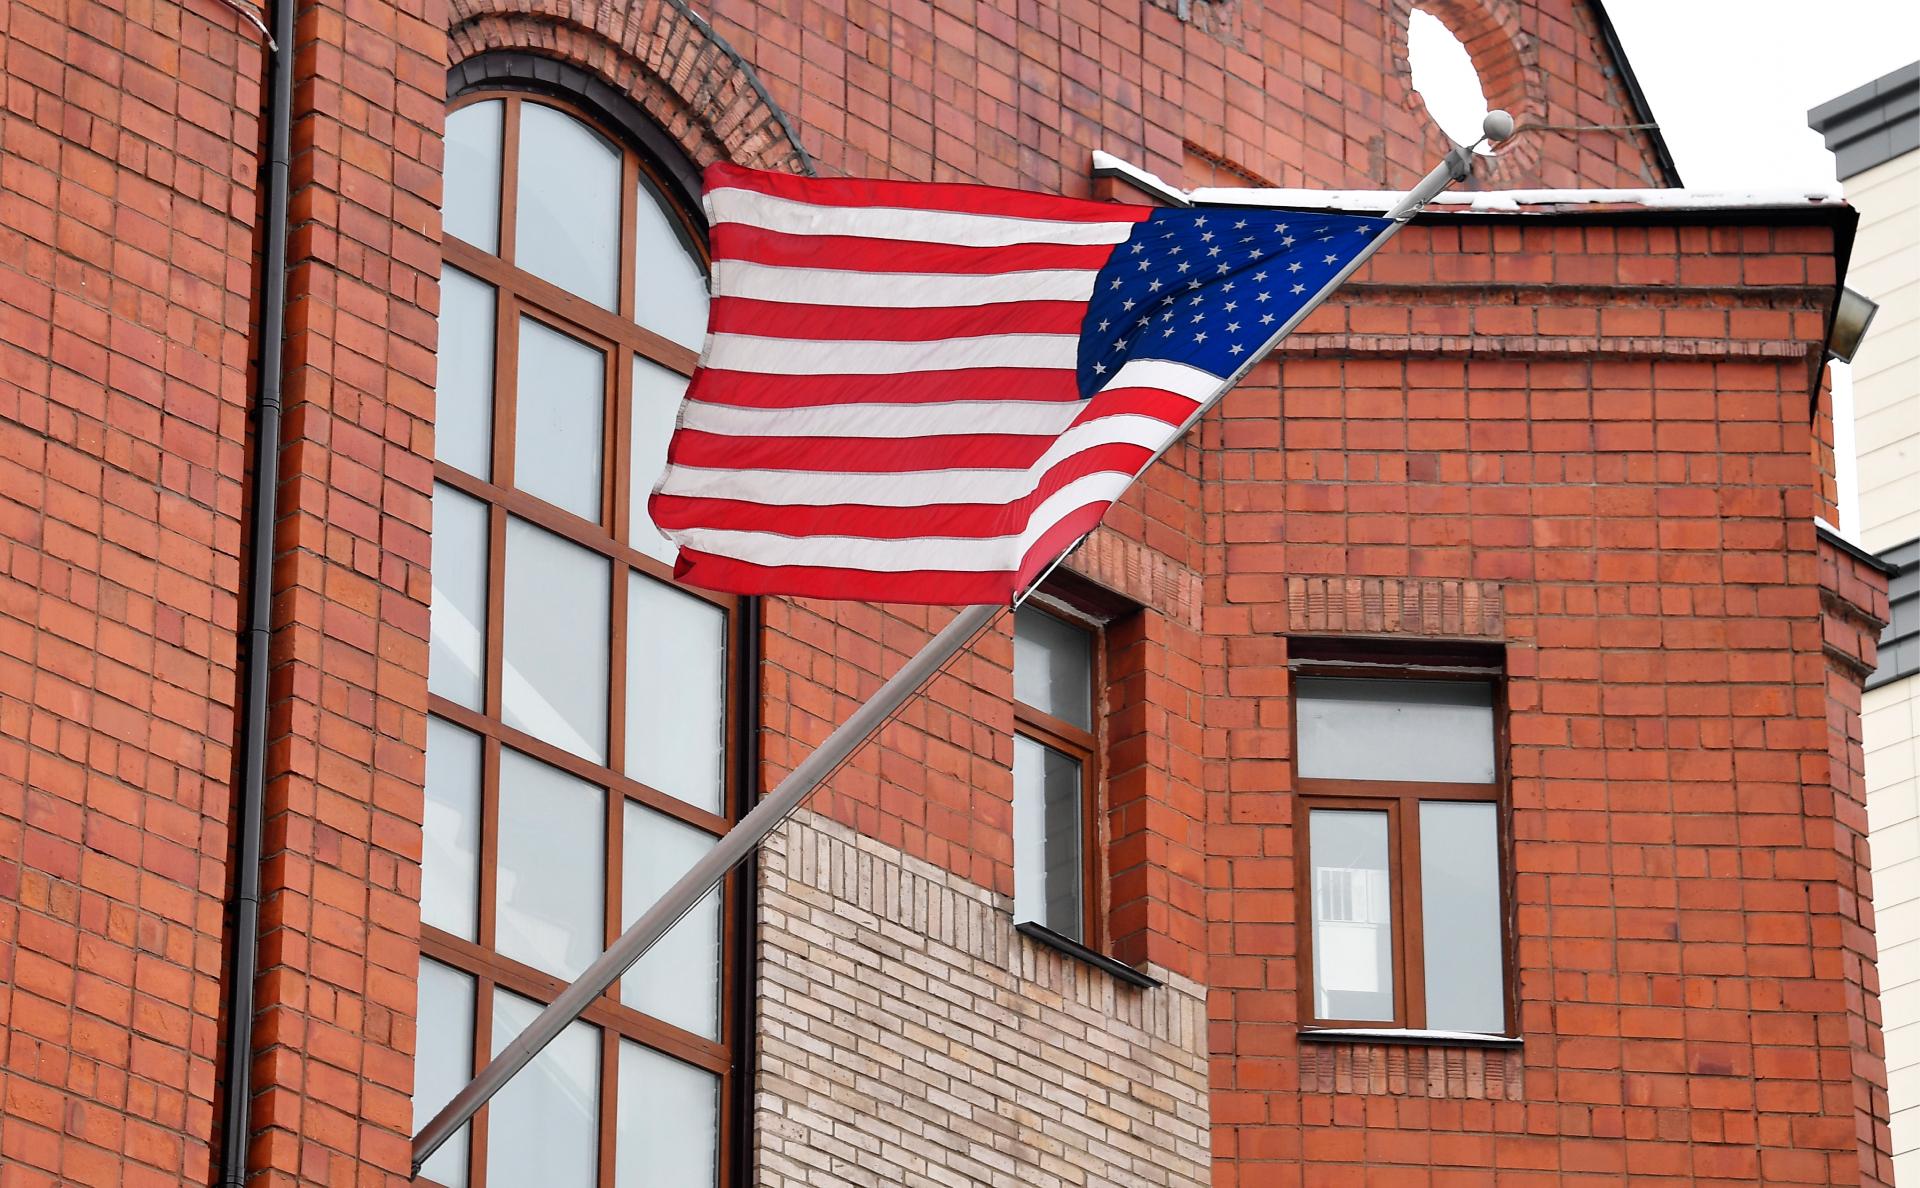 СМИ узнали о возможном закрытии двух консульств США в России